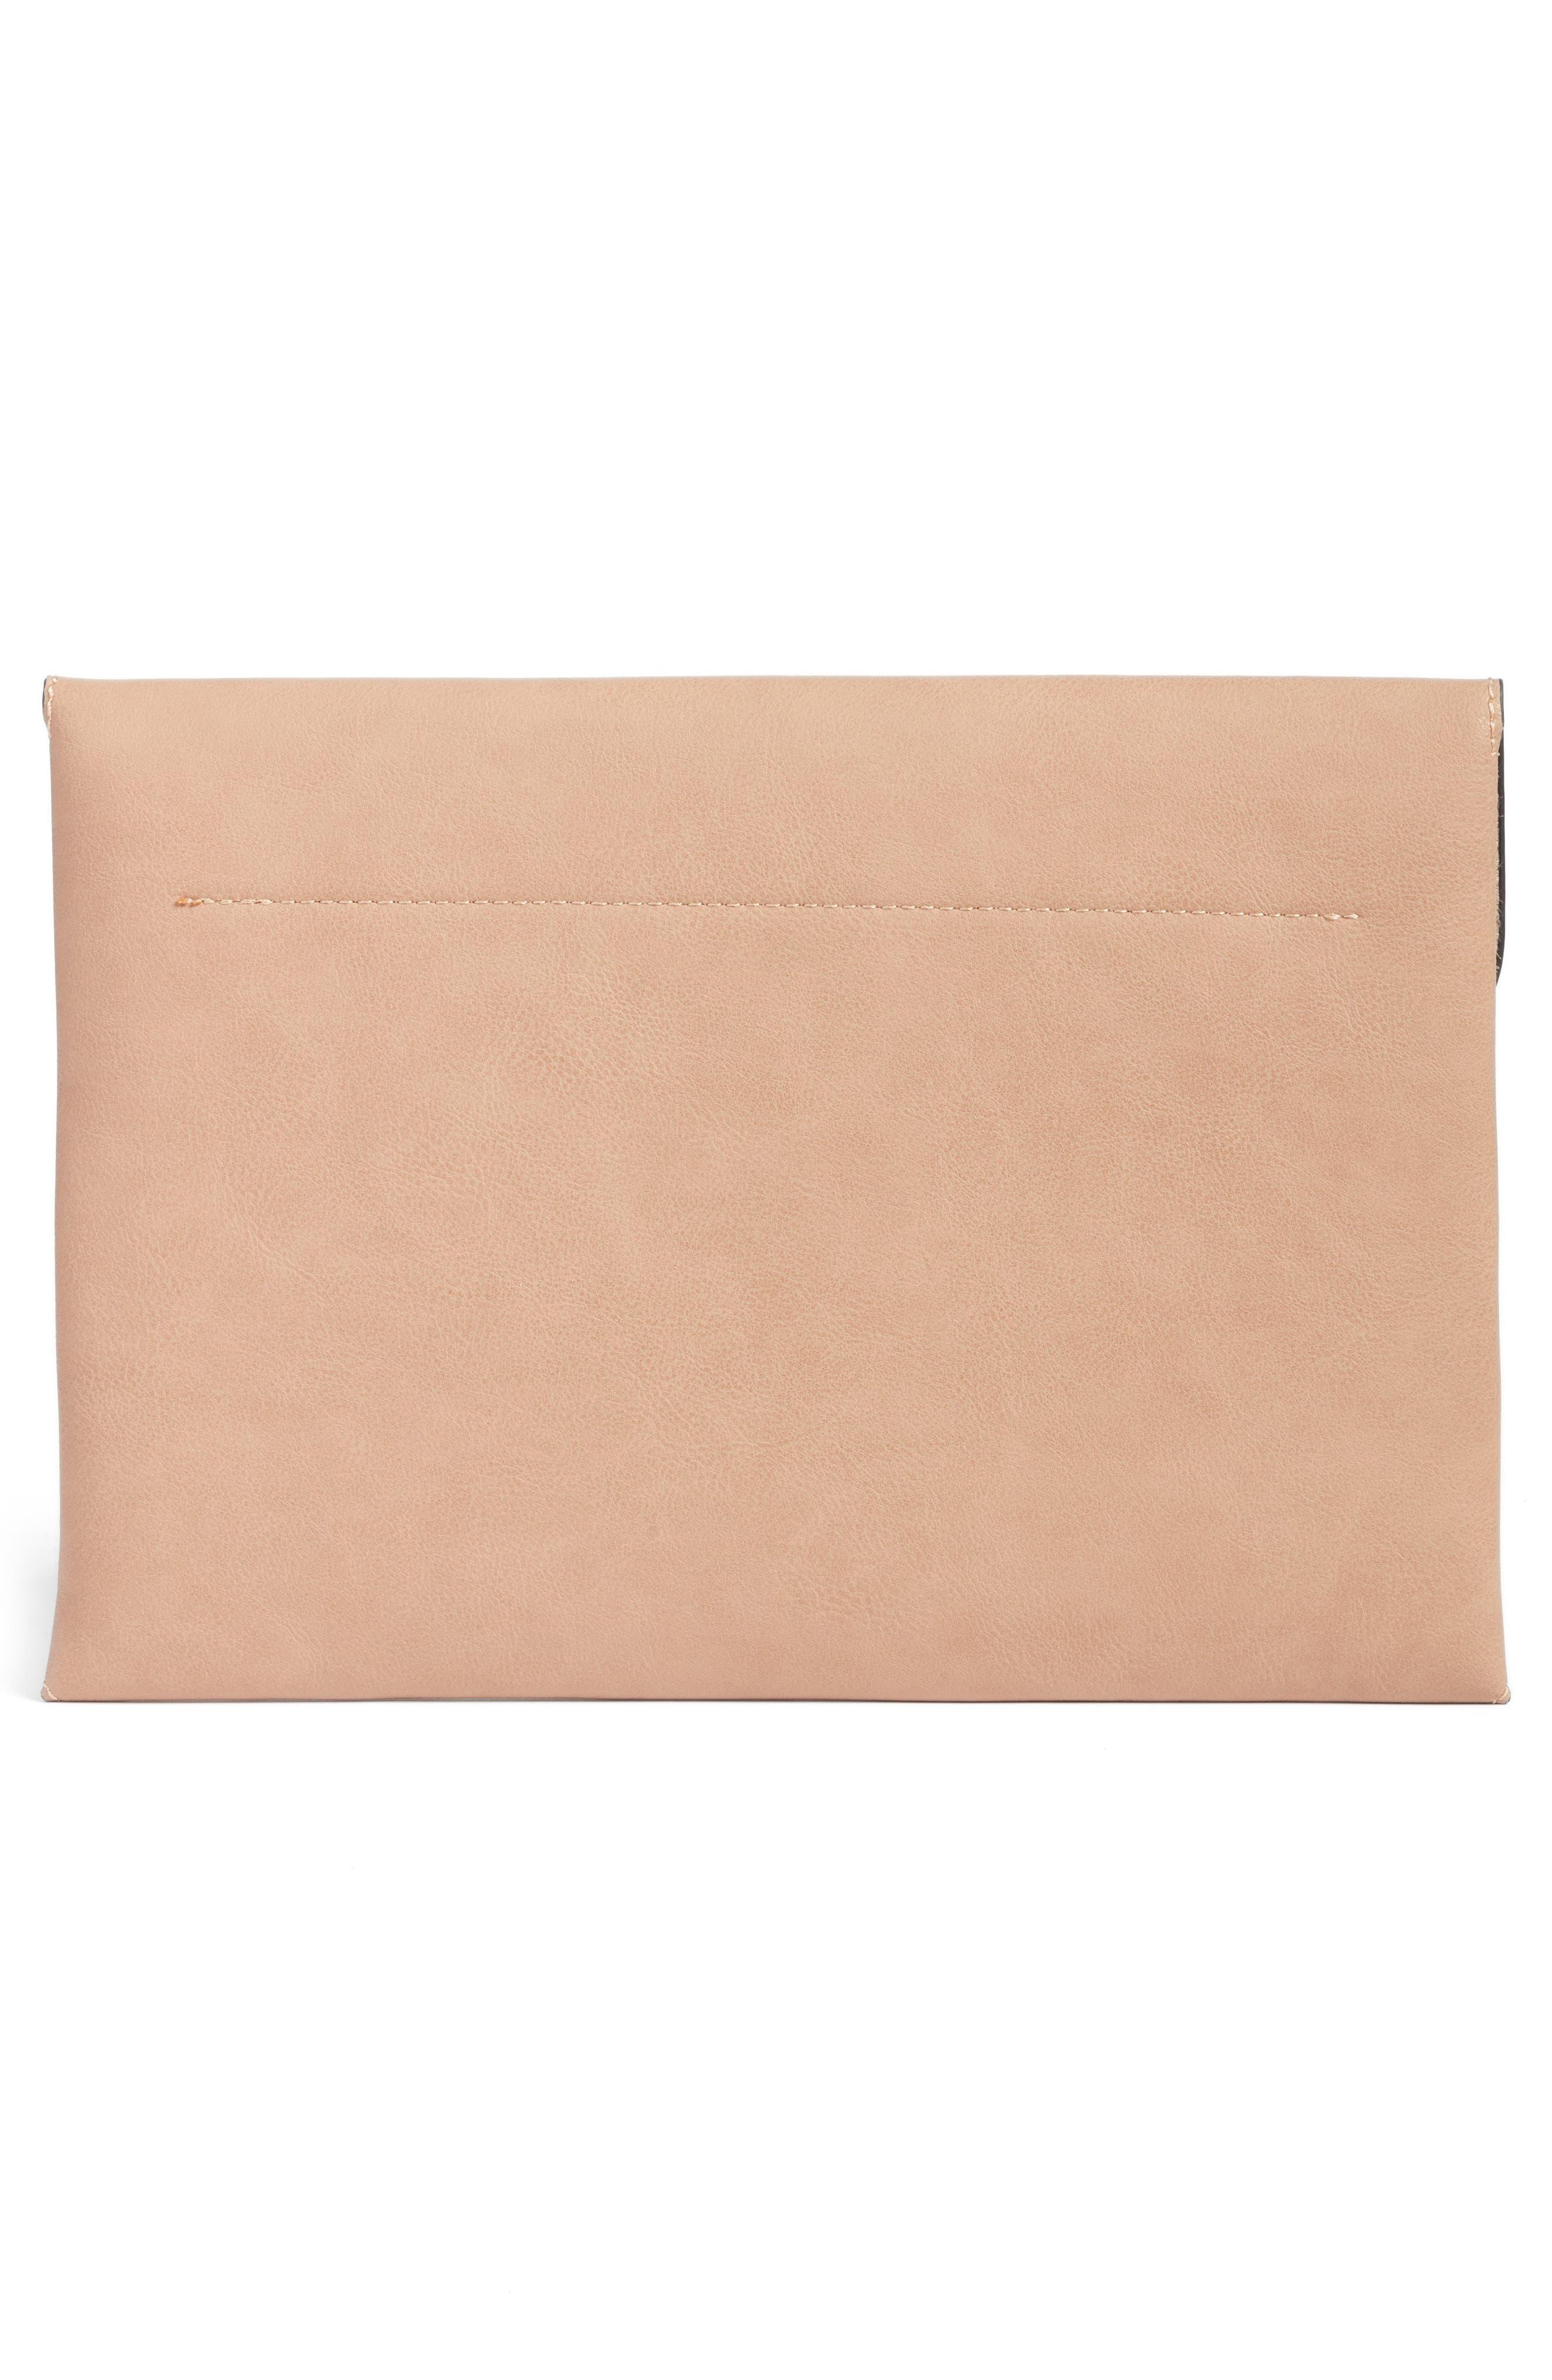 Karen Faux Leather Envelope Clutch,                             Alternate thumbnail 8, color,